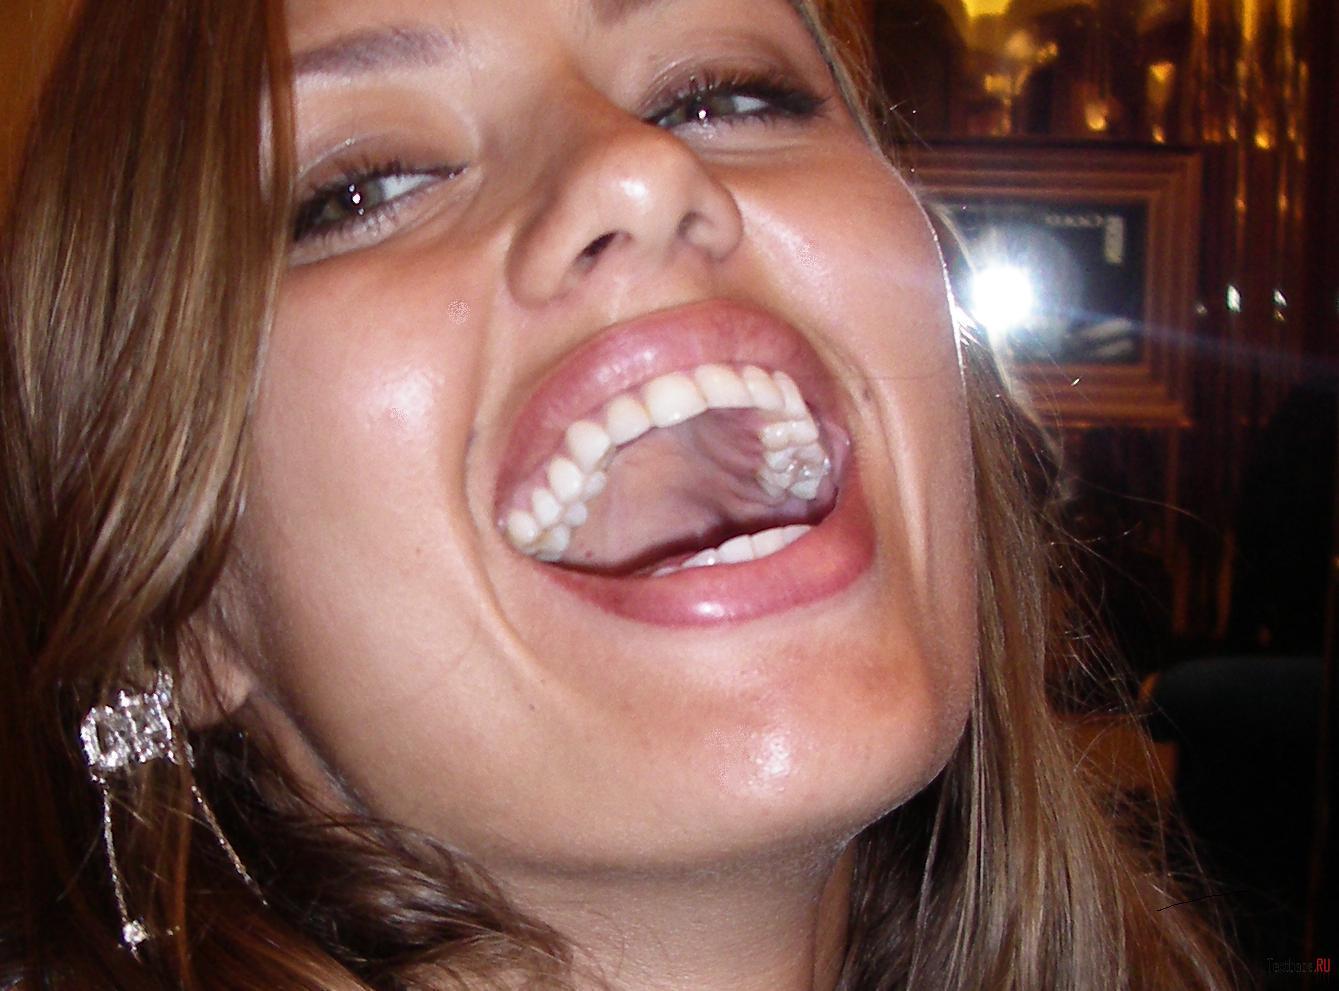 Сперма в рот смотреть онлайн бесплатно, Порно видео сперму в рот смотреть онлайн бесплатно 24 фотография